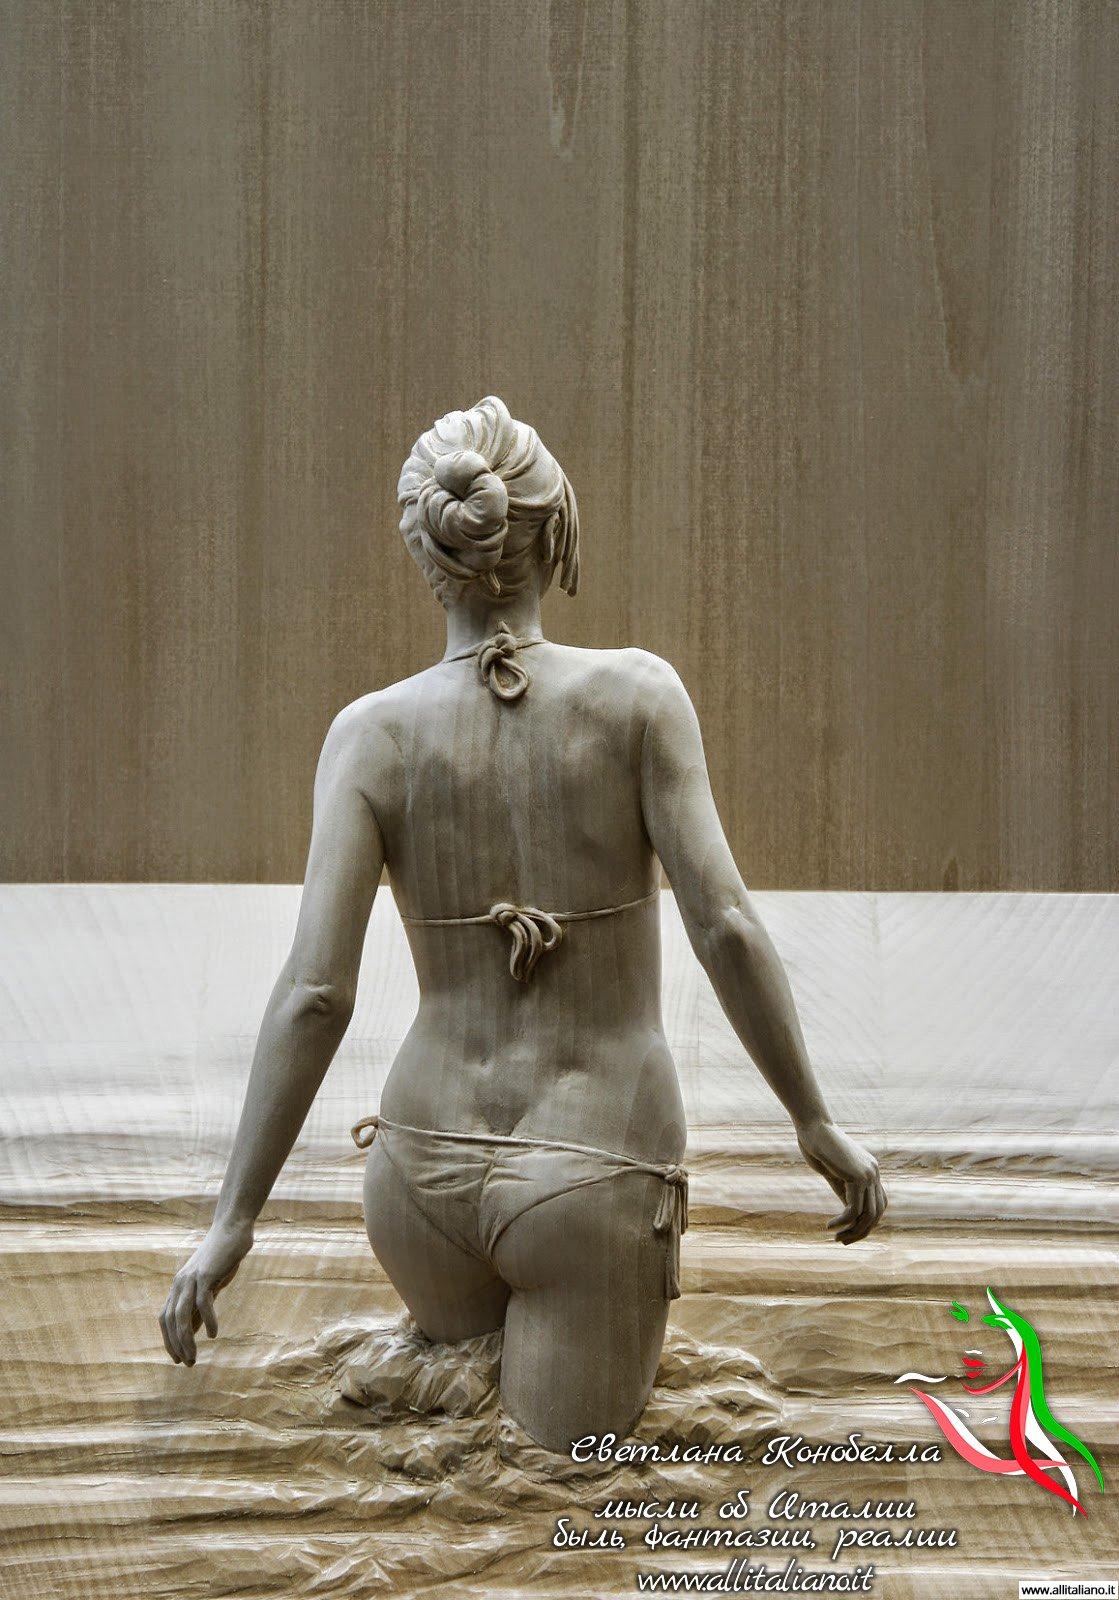 peter-demetz-svetlana-konobella-italy-art-sculpture-gardena-groeden-suedtirol (17)